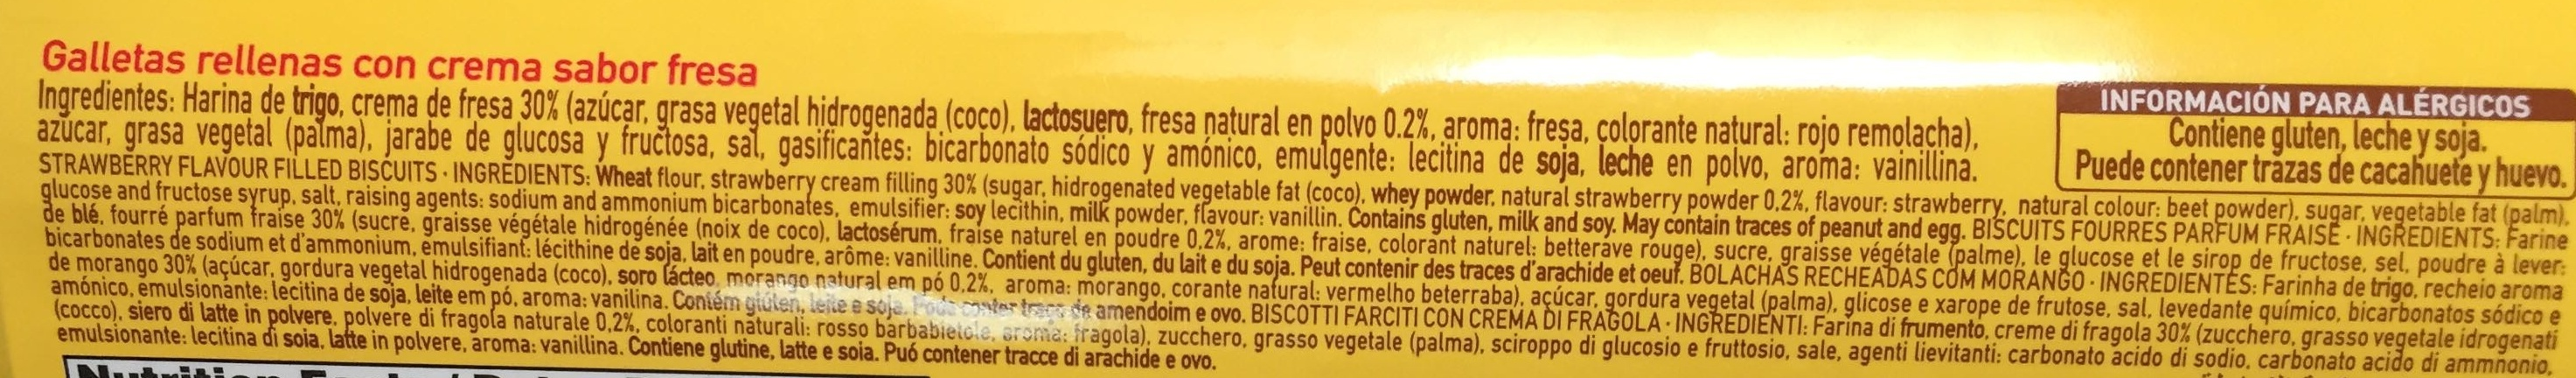 Galletas rellenas con crema sabor fresa - Ingredients